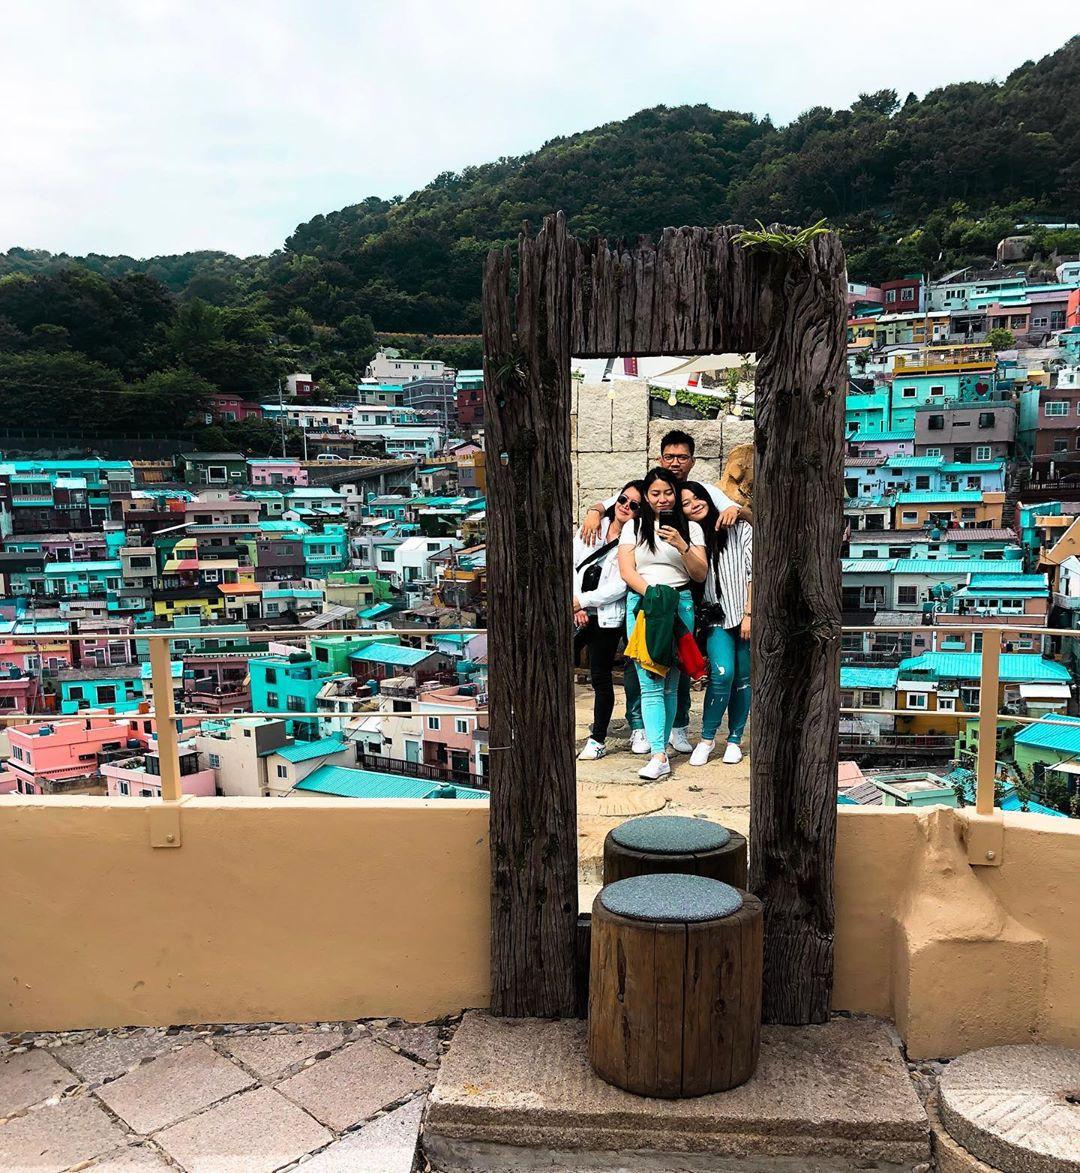 Mê mệt với những điểm đến hút khách du lịch bậc nhất Busan - Ảnh 8.